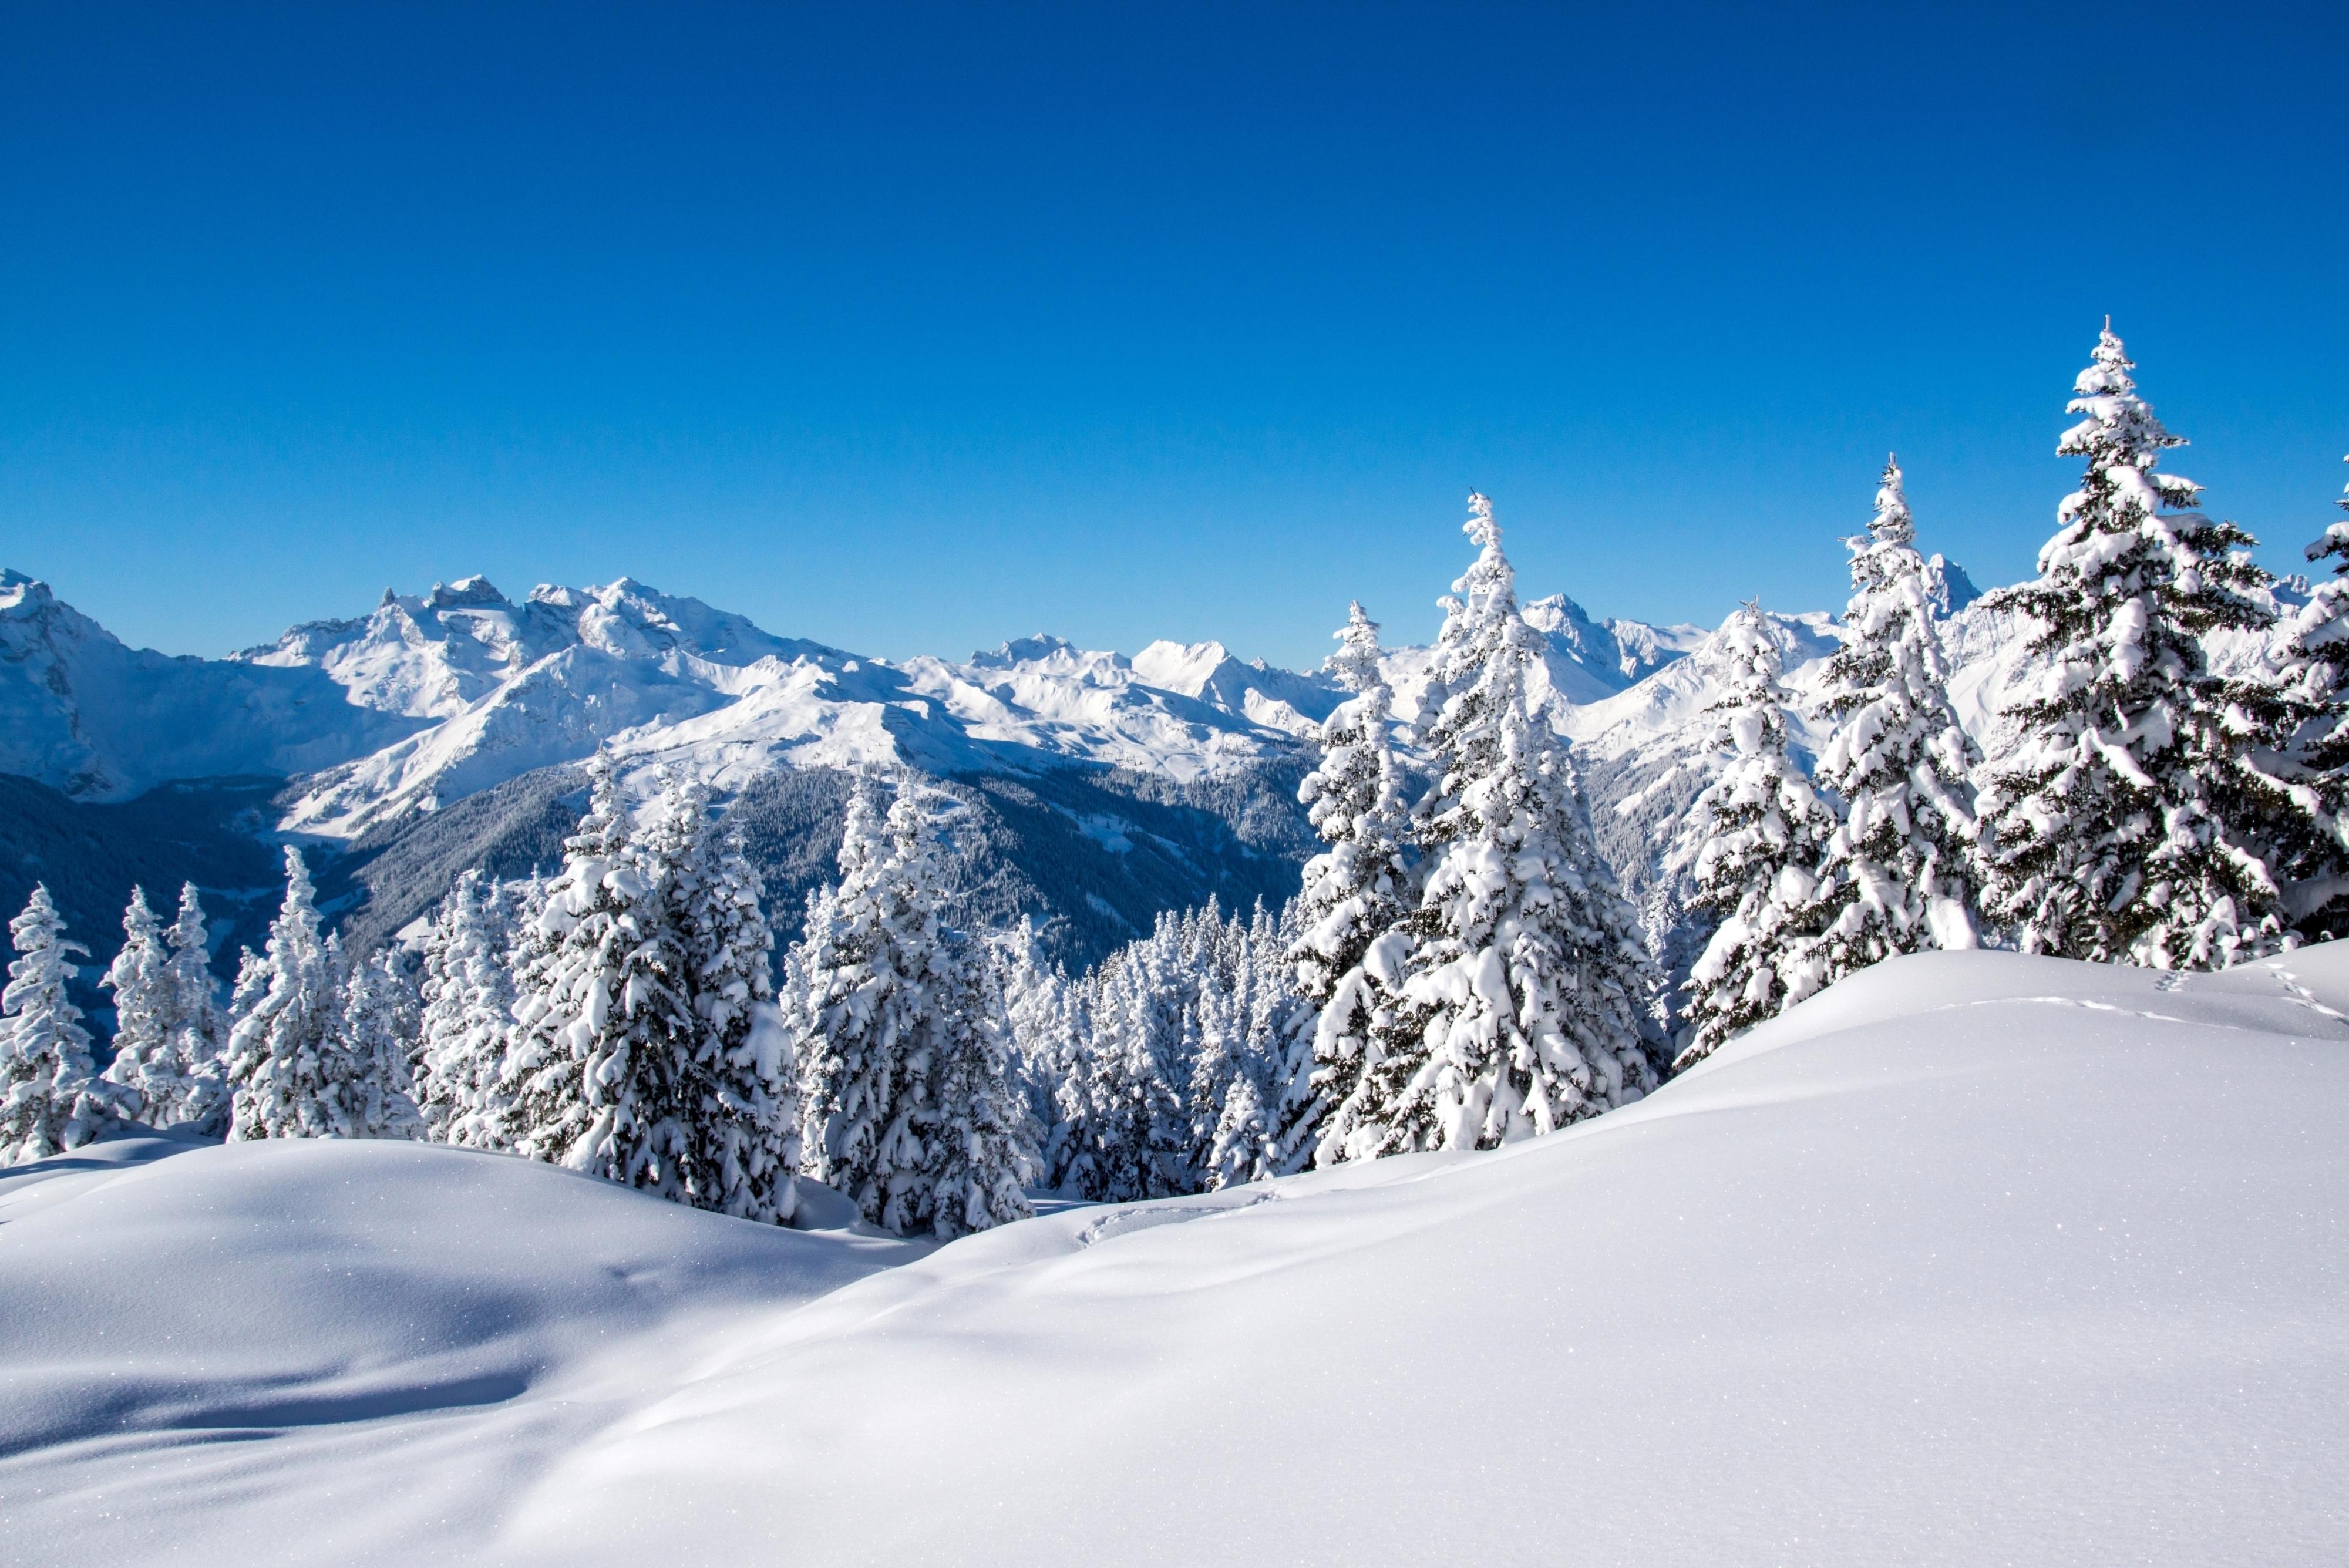 Снег на горных склонах  № 2944993 бесплатно